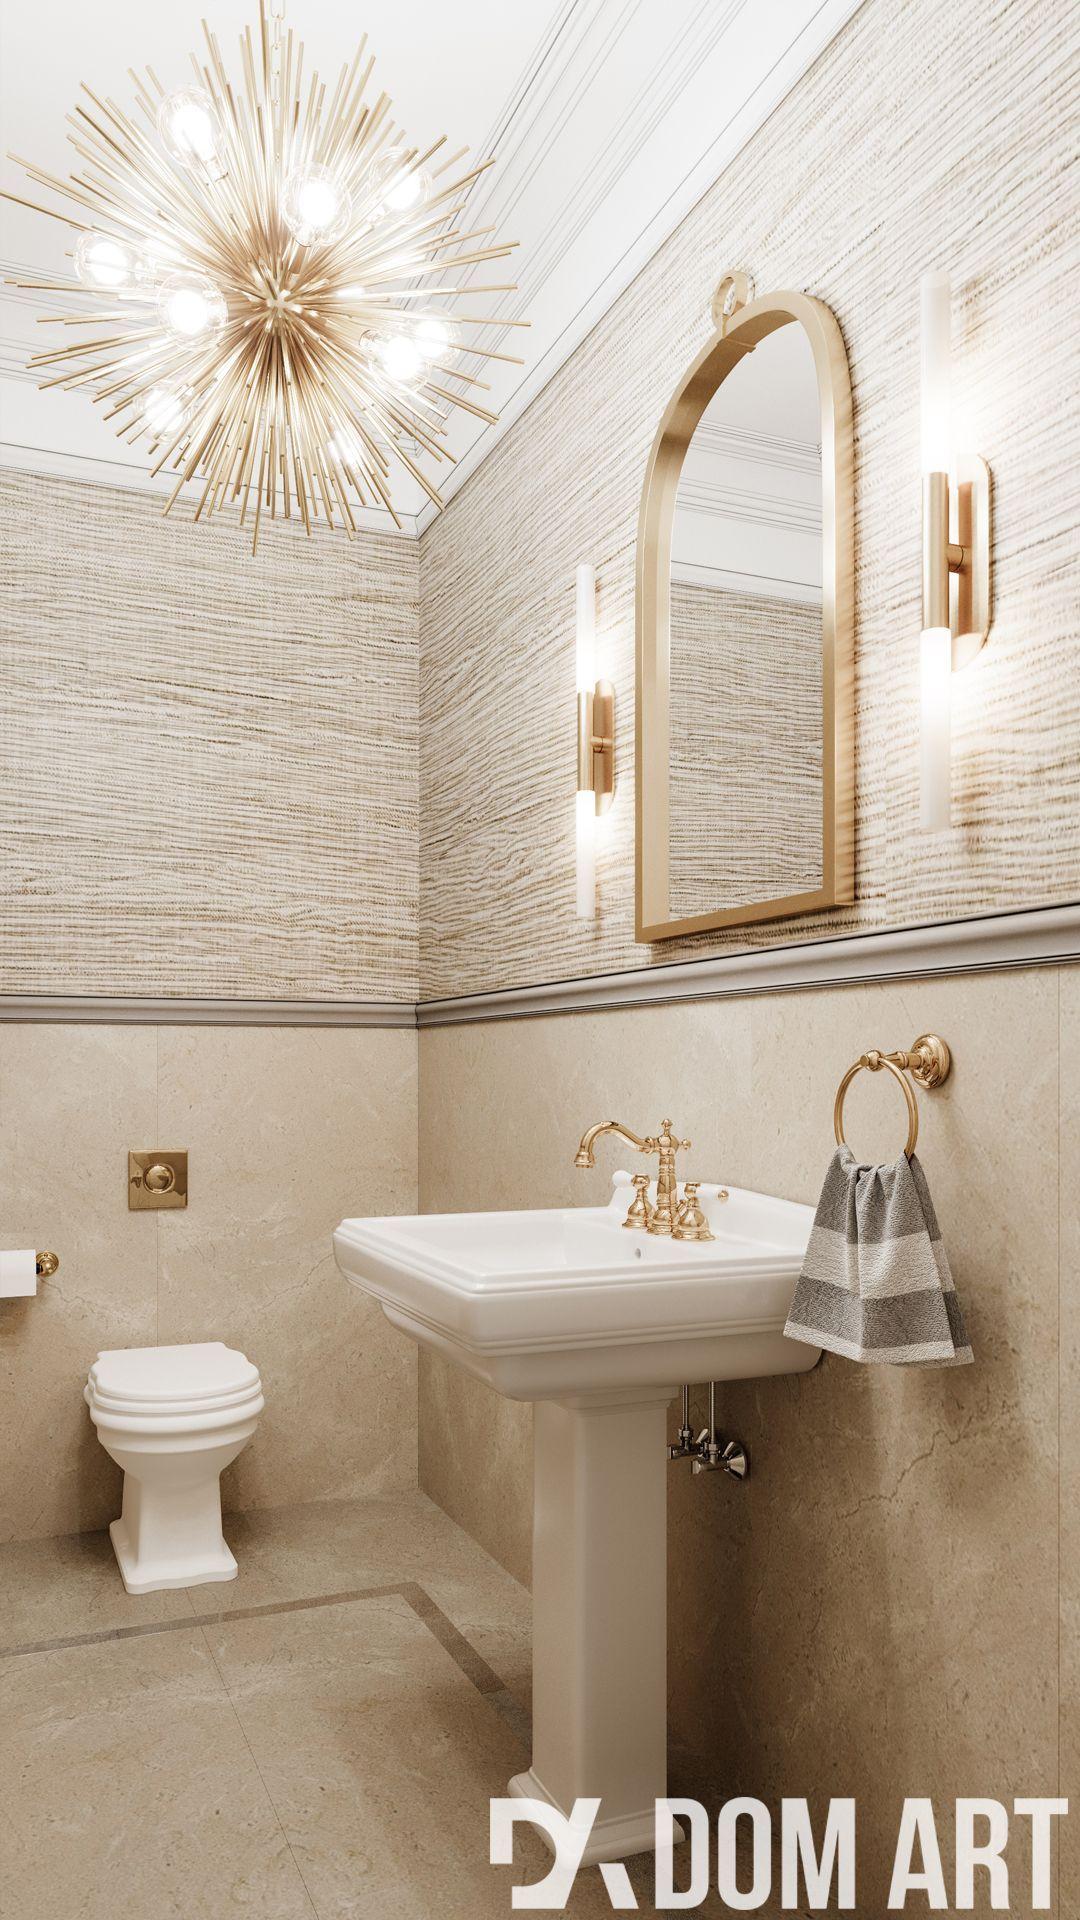 Englisches Dekor Badezimmer Badezimmer Dekor Englisches Homelibraryold In 2020 English Decor Bathroom Decor Asian Decor